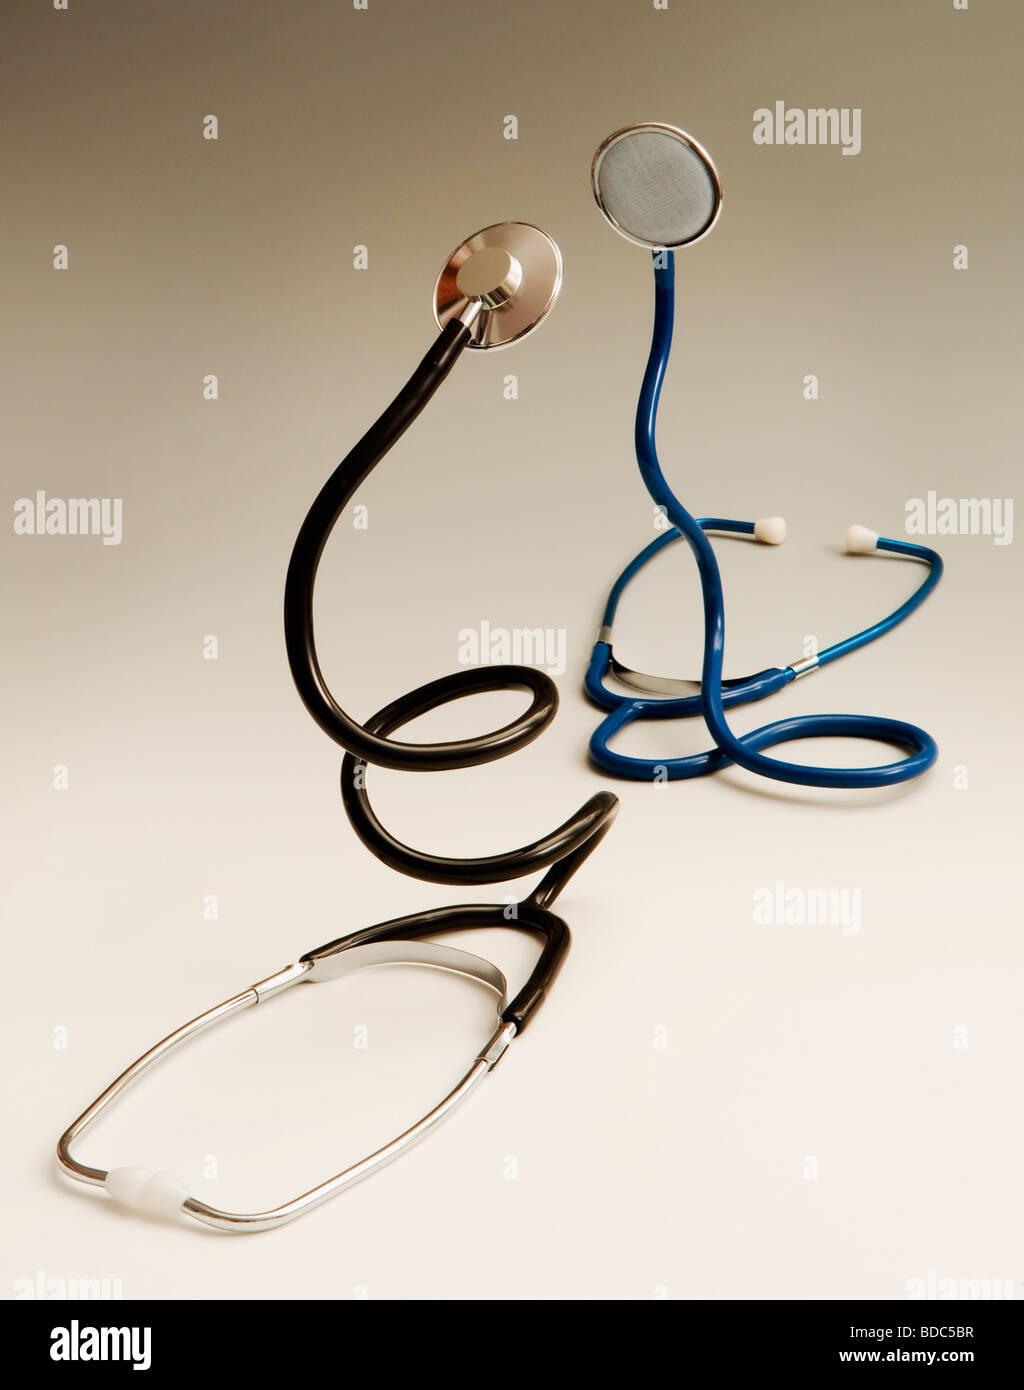 zwei aufgerollte Stethoskope kämpfen Stockbild